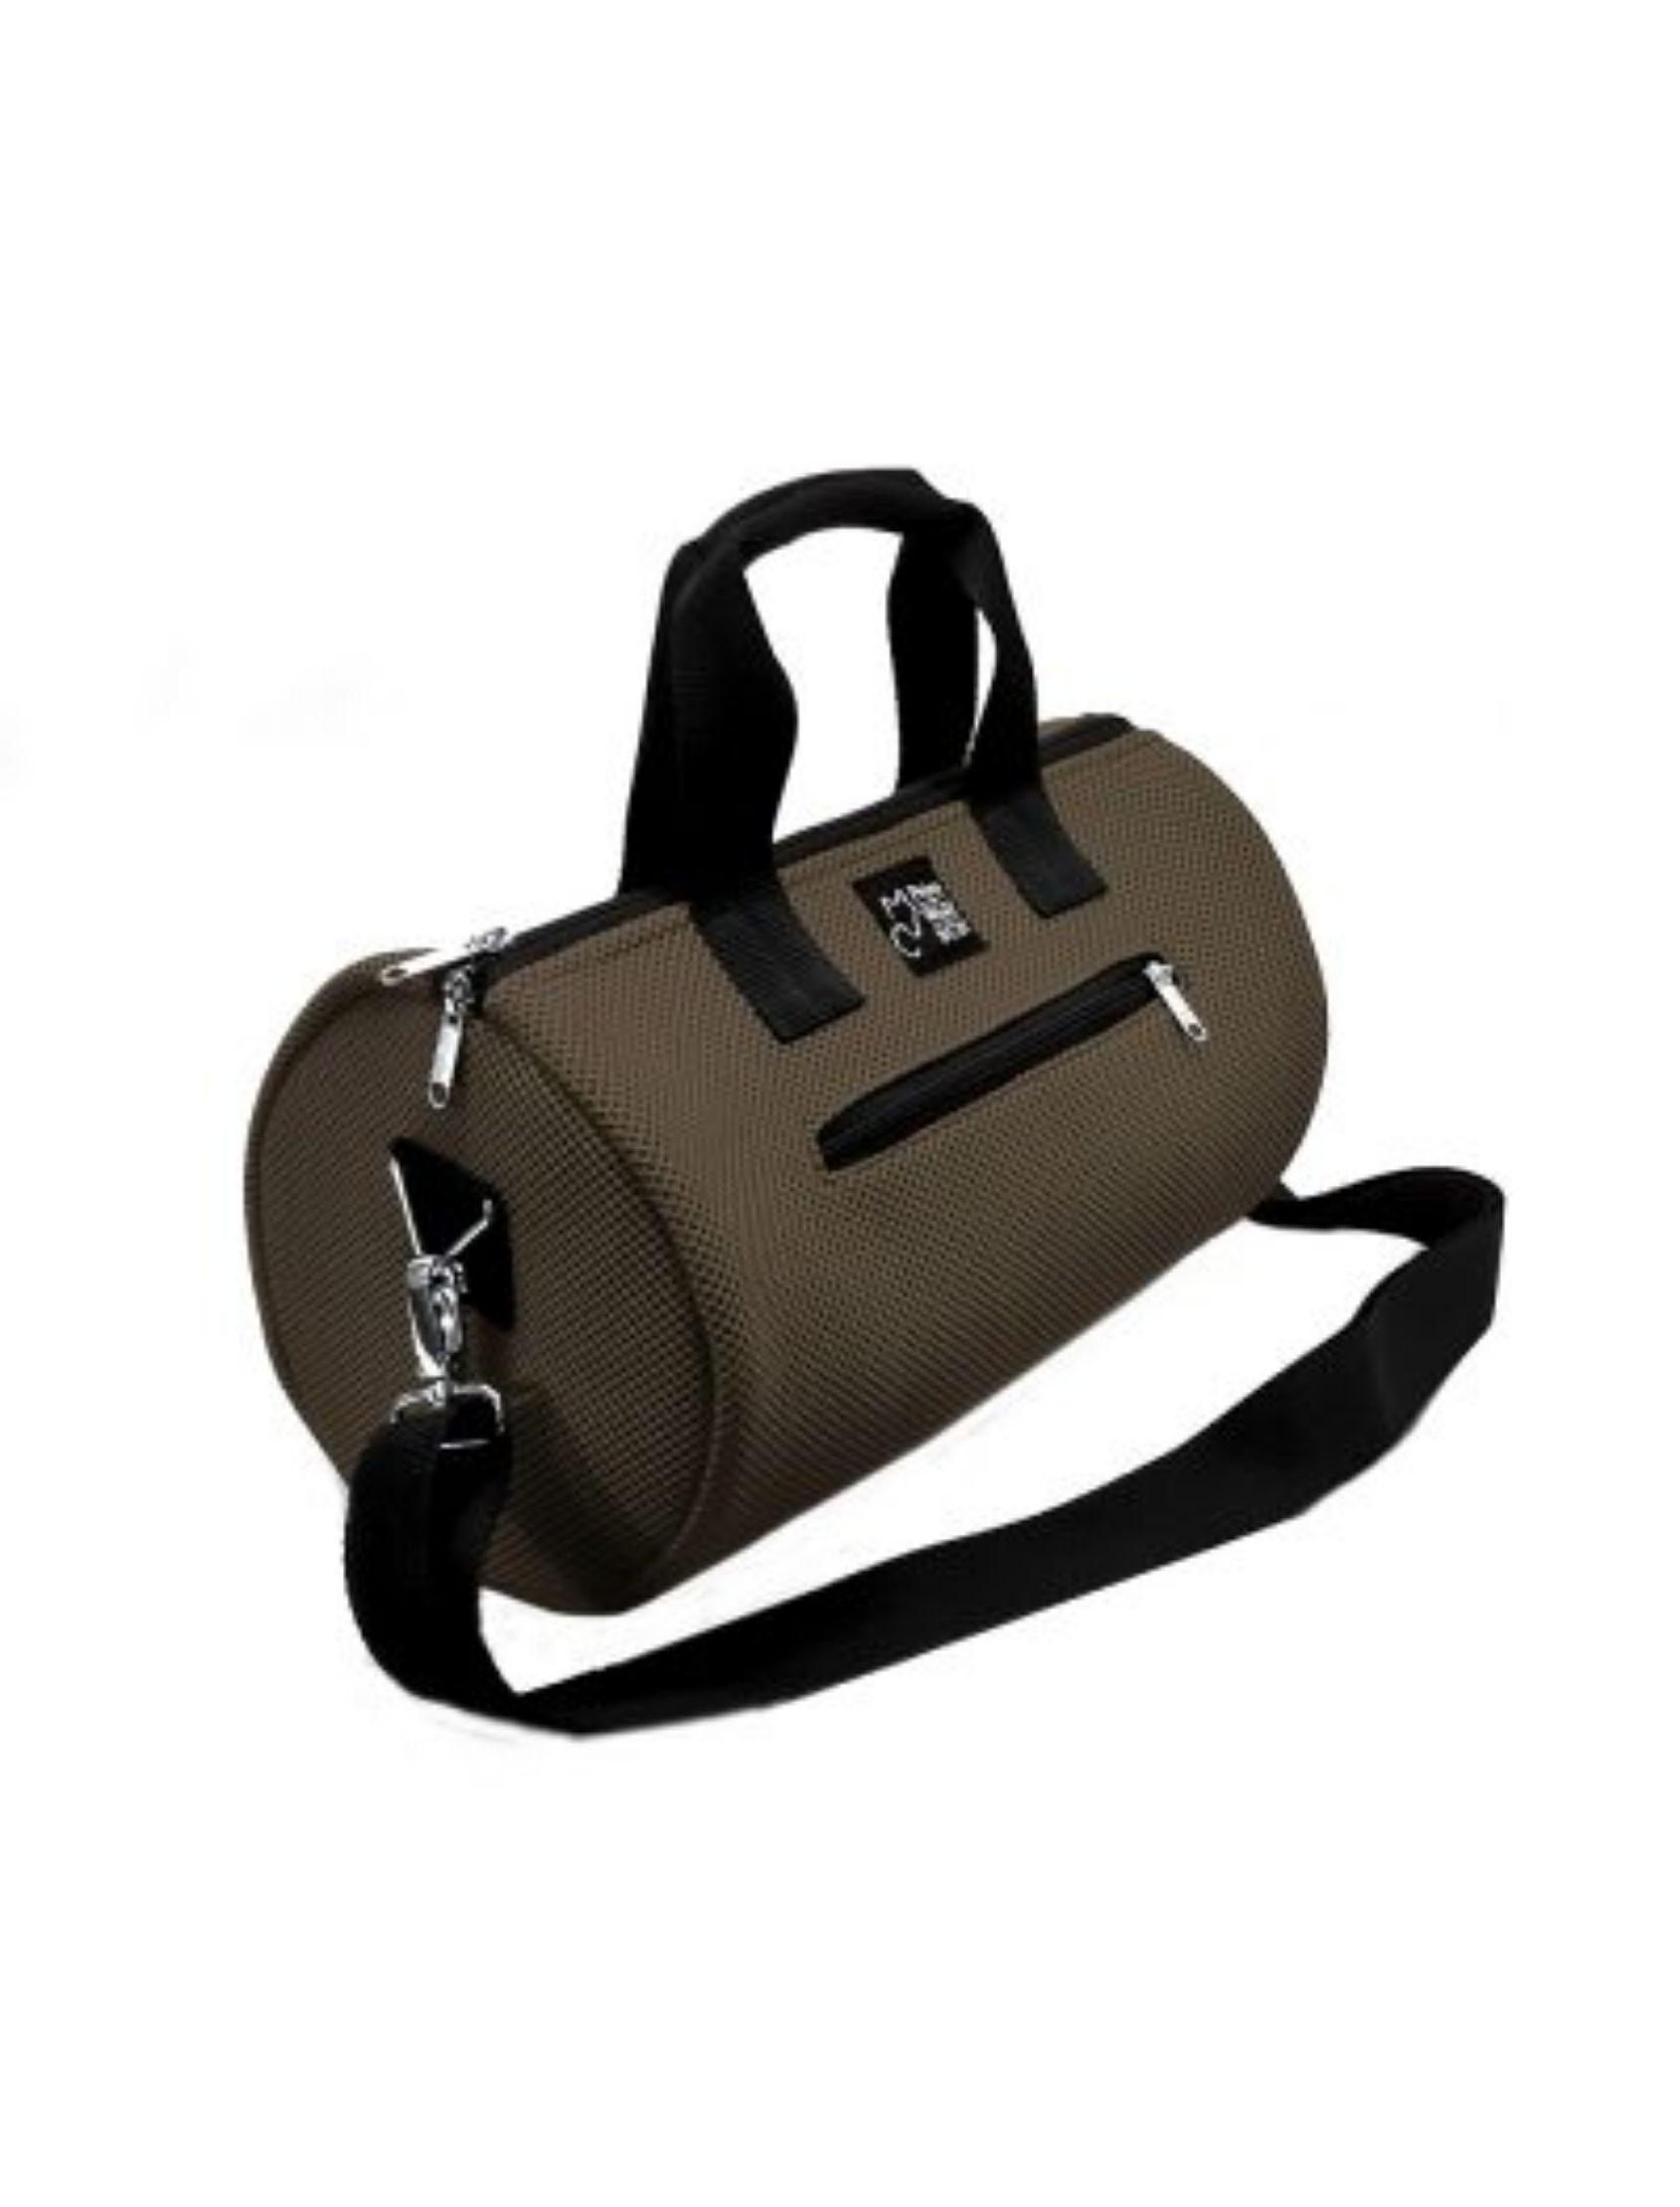 bolso de deporte con asa corta y bandolera en color marrón y tejido técnico de peter&Wolf Barccelona